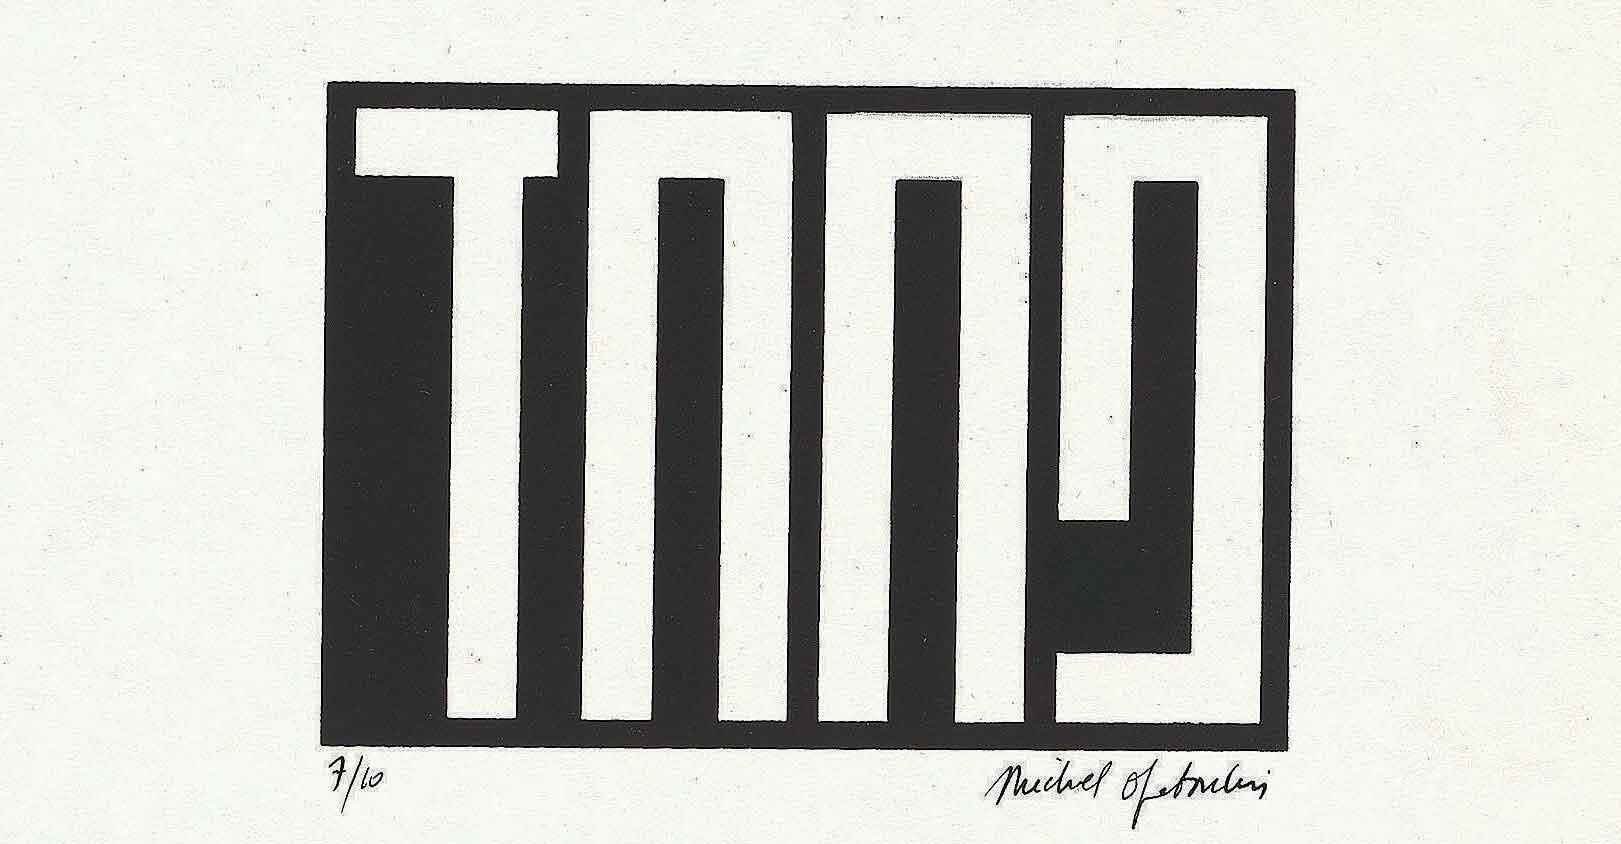 הדפסת דיו של מישל אופטובסקי